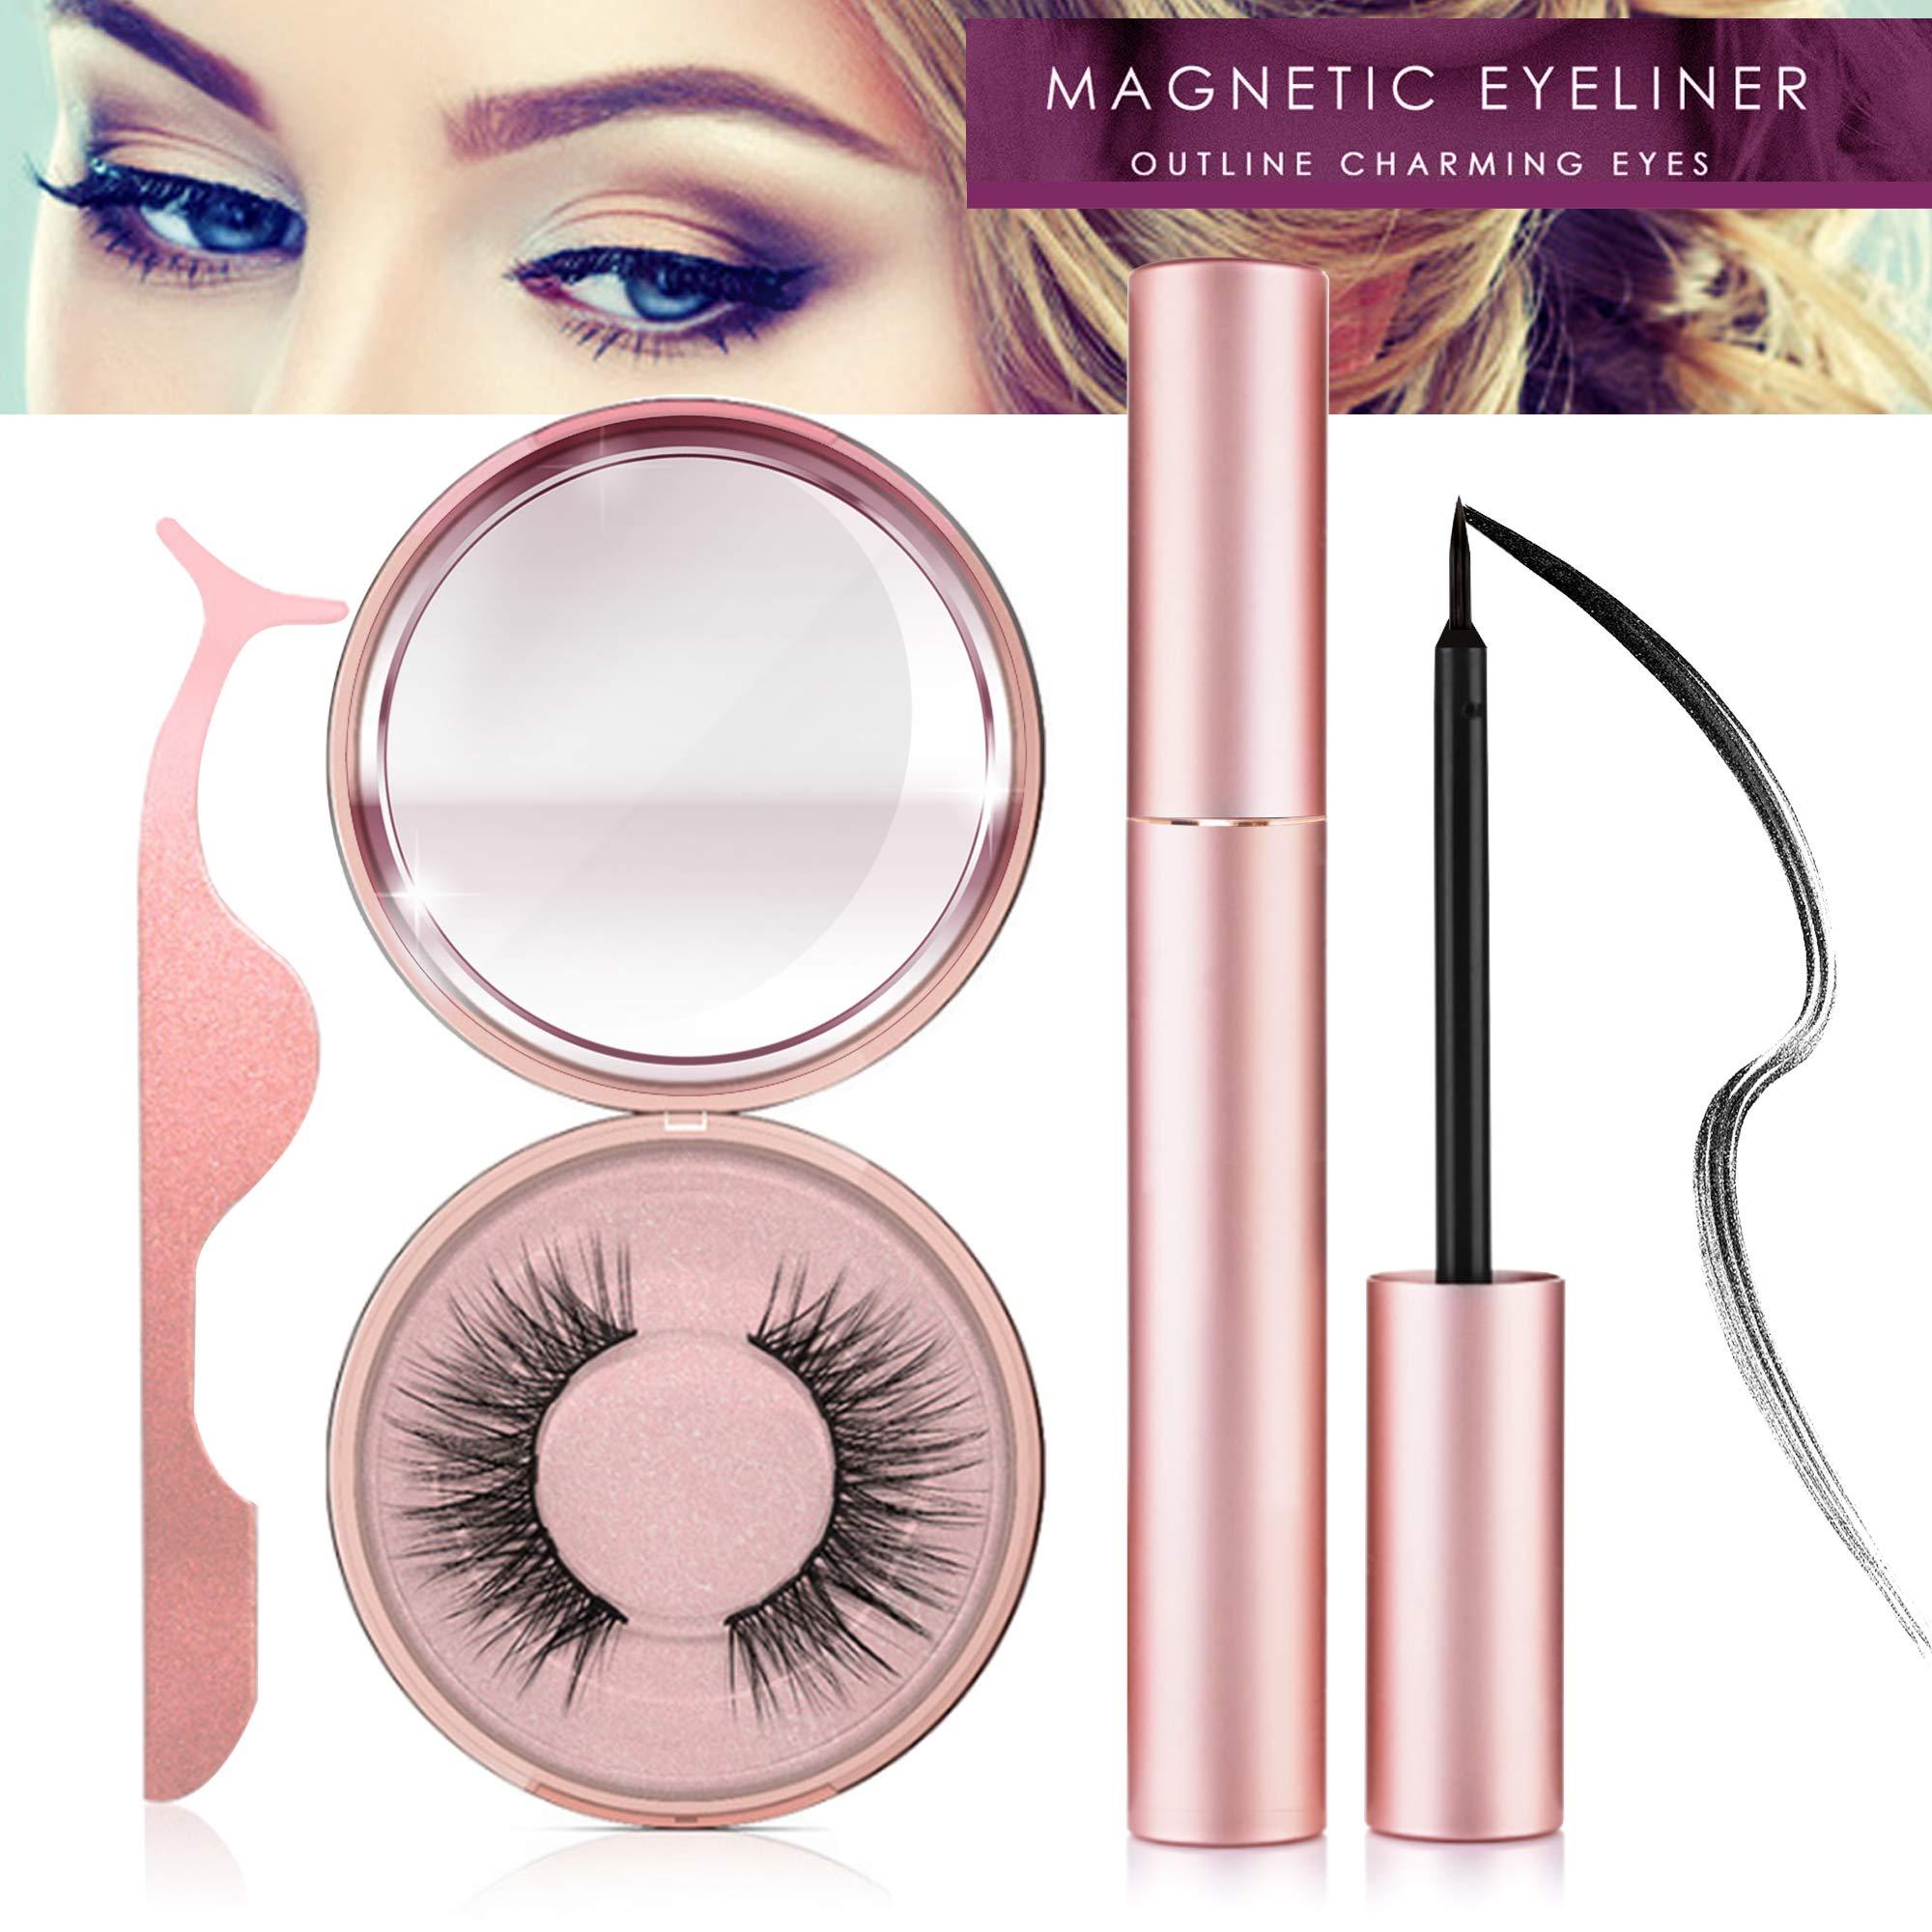 Magnetic Eyeliner Kit, Magnetic Eyeliner With Magnetic Eyelashes, Magnetic Lashliner For Use with Magnetic False Lashes (ET)